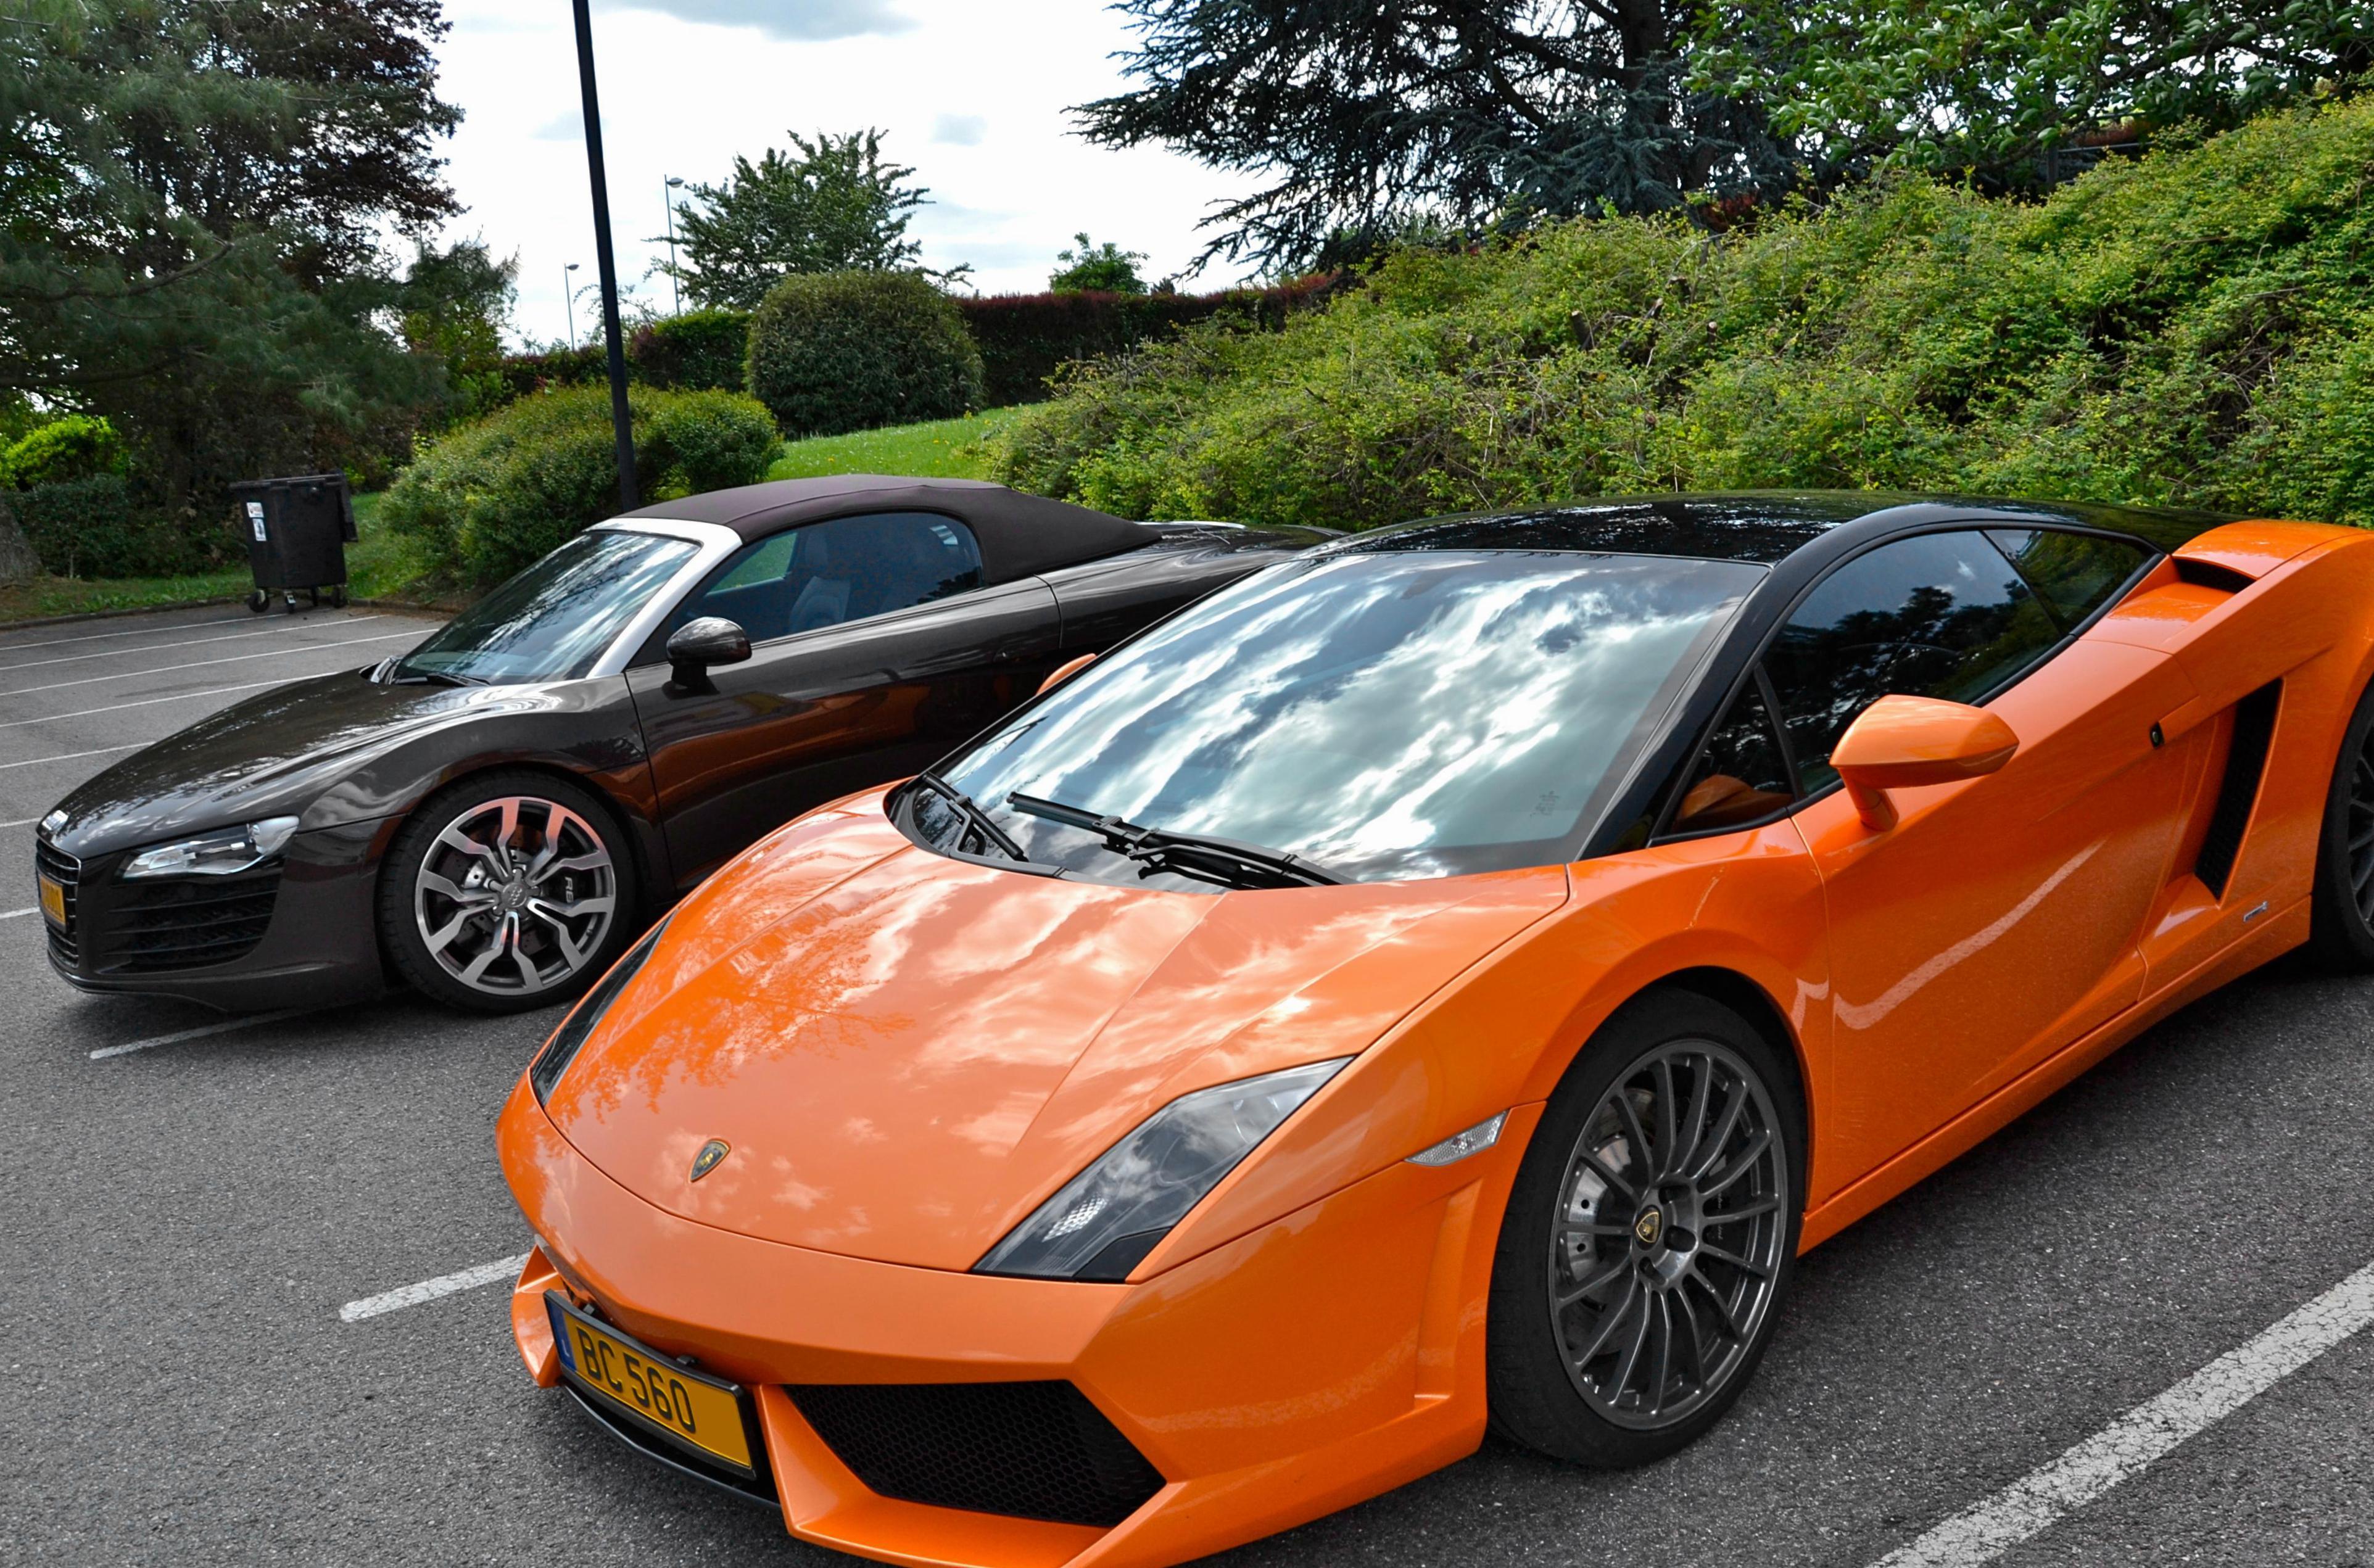 orange price pics with lamborghini in cars car super galery modification luxury